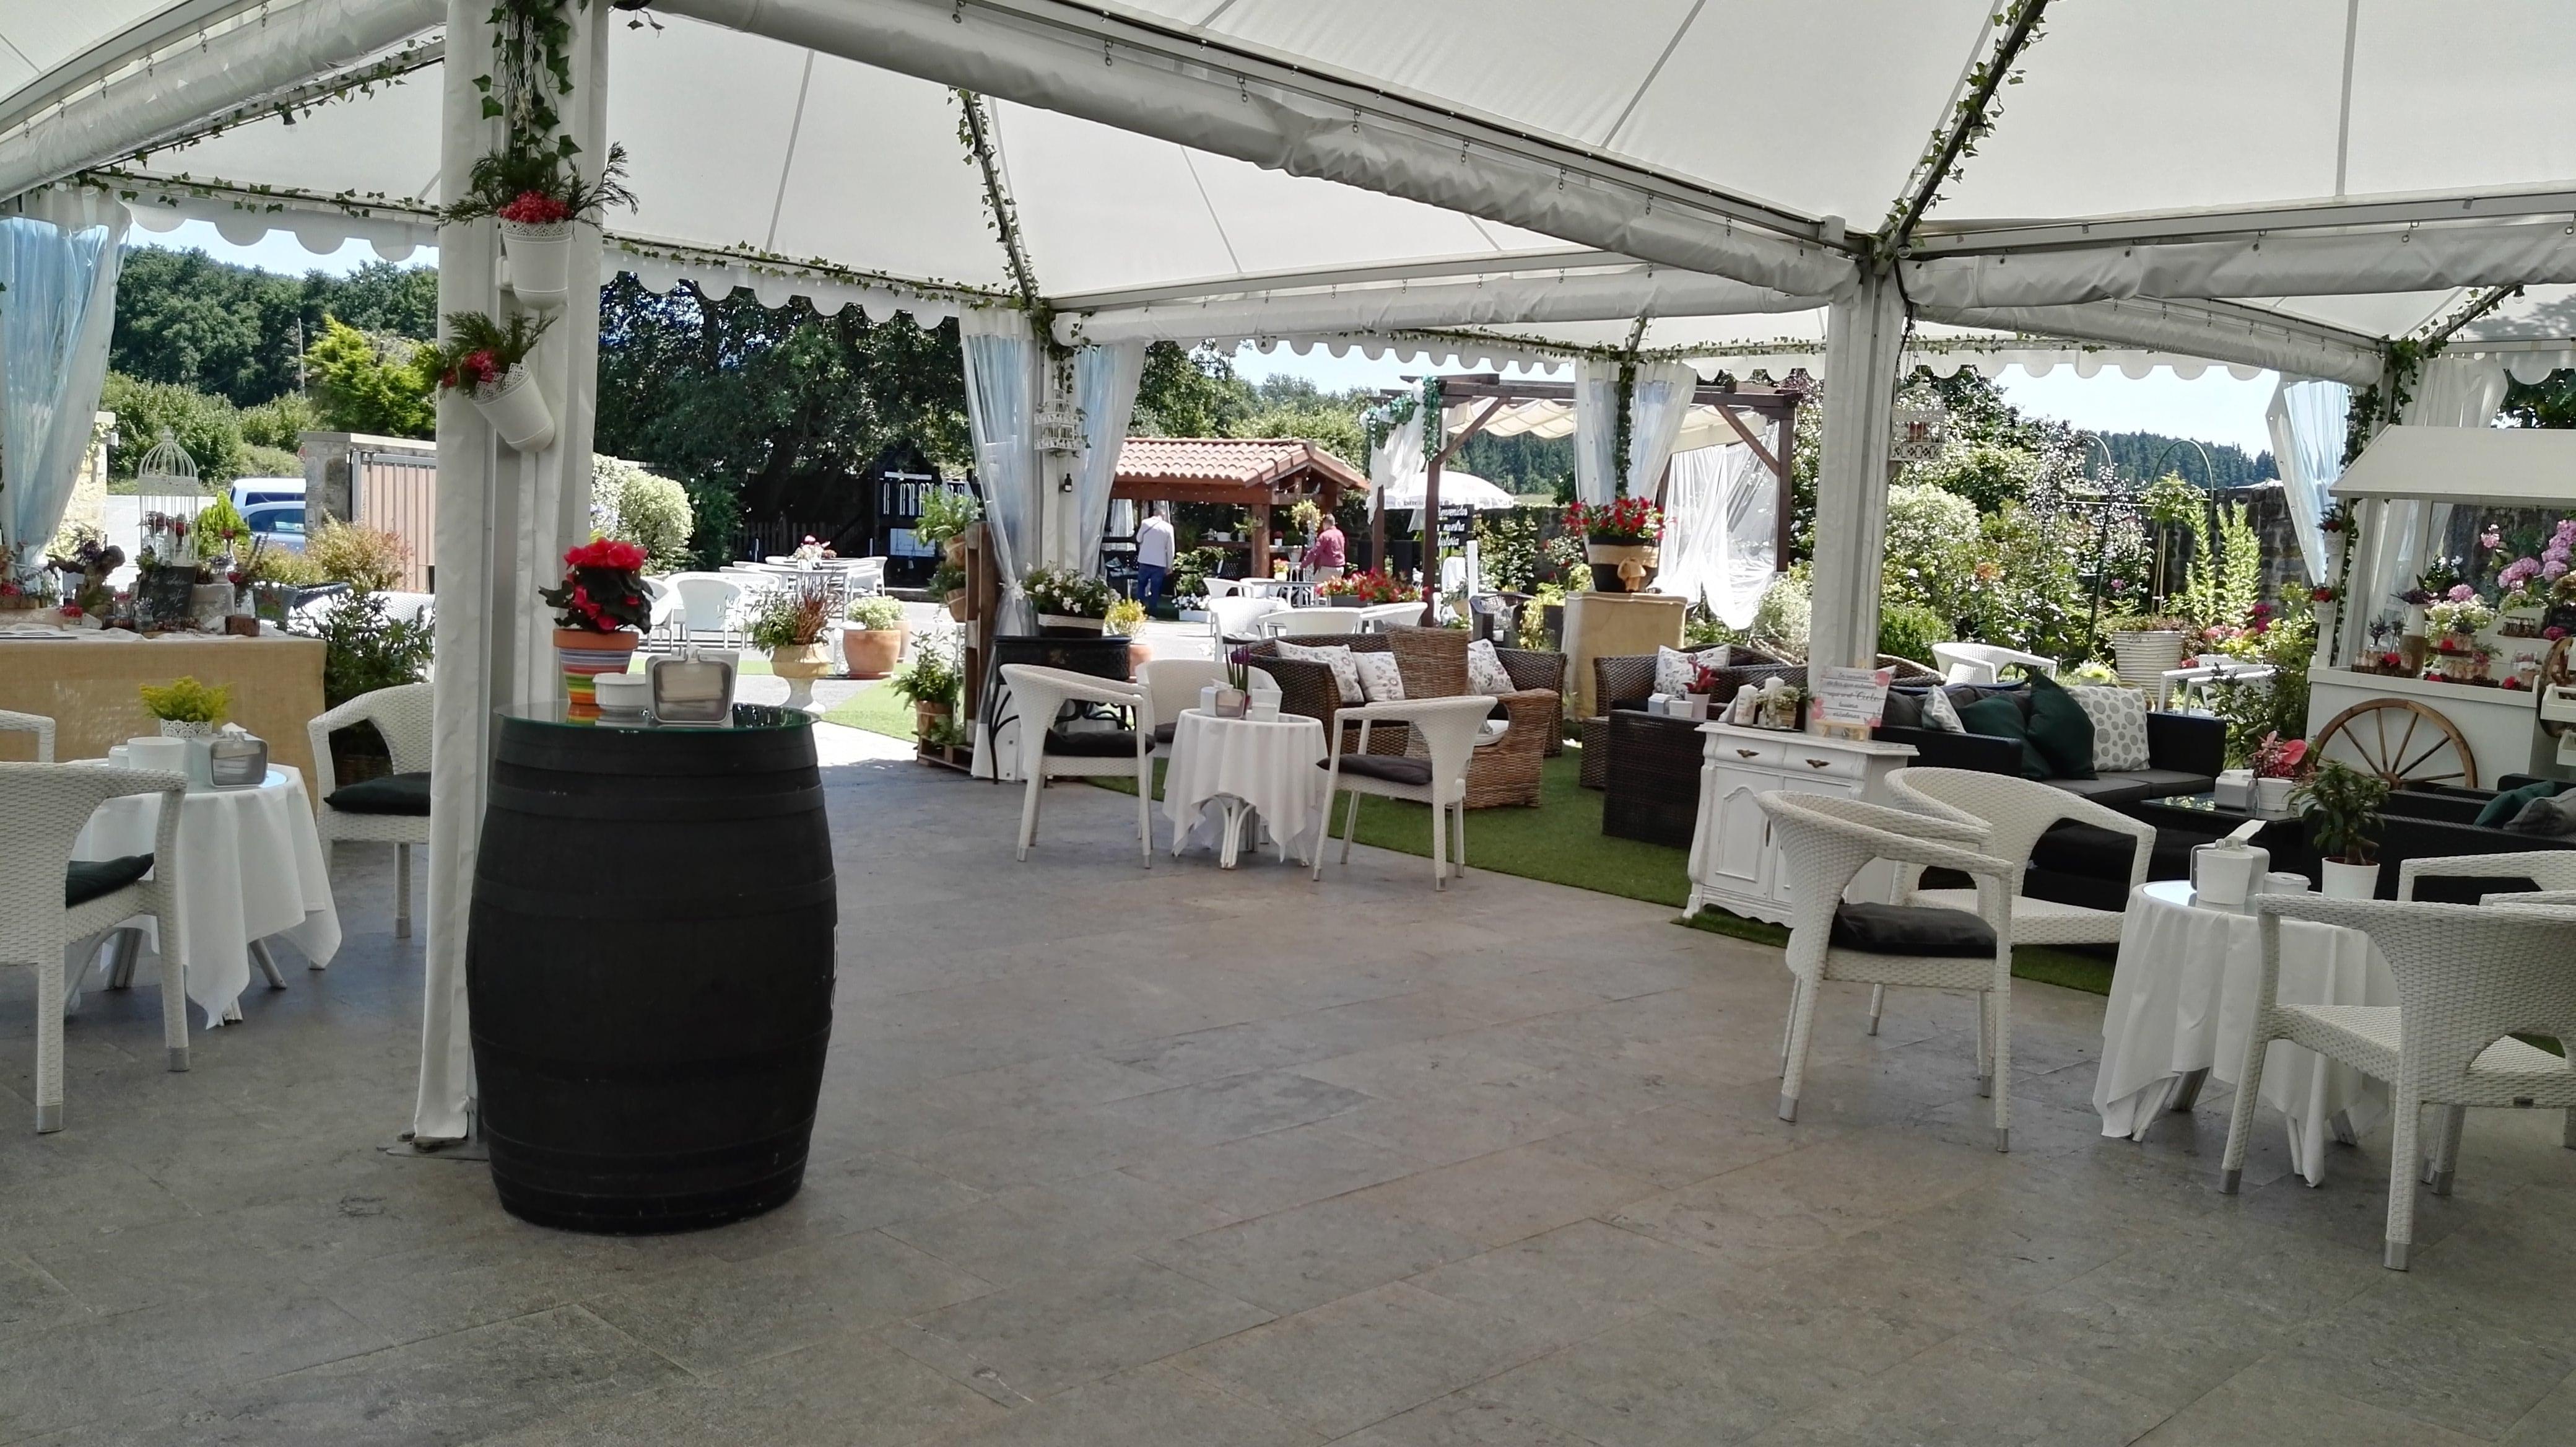 restaurante_bideko-exteriores-terraza-cocina_tradicional_vasca-restaurantes_vizcaya-restaurantes_alava-comer_en_euskadi-bideko-amurrio-lezama (54)